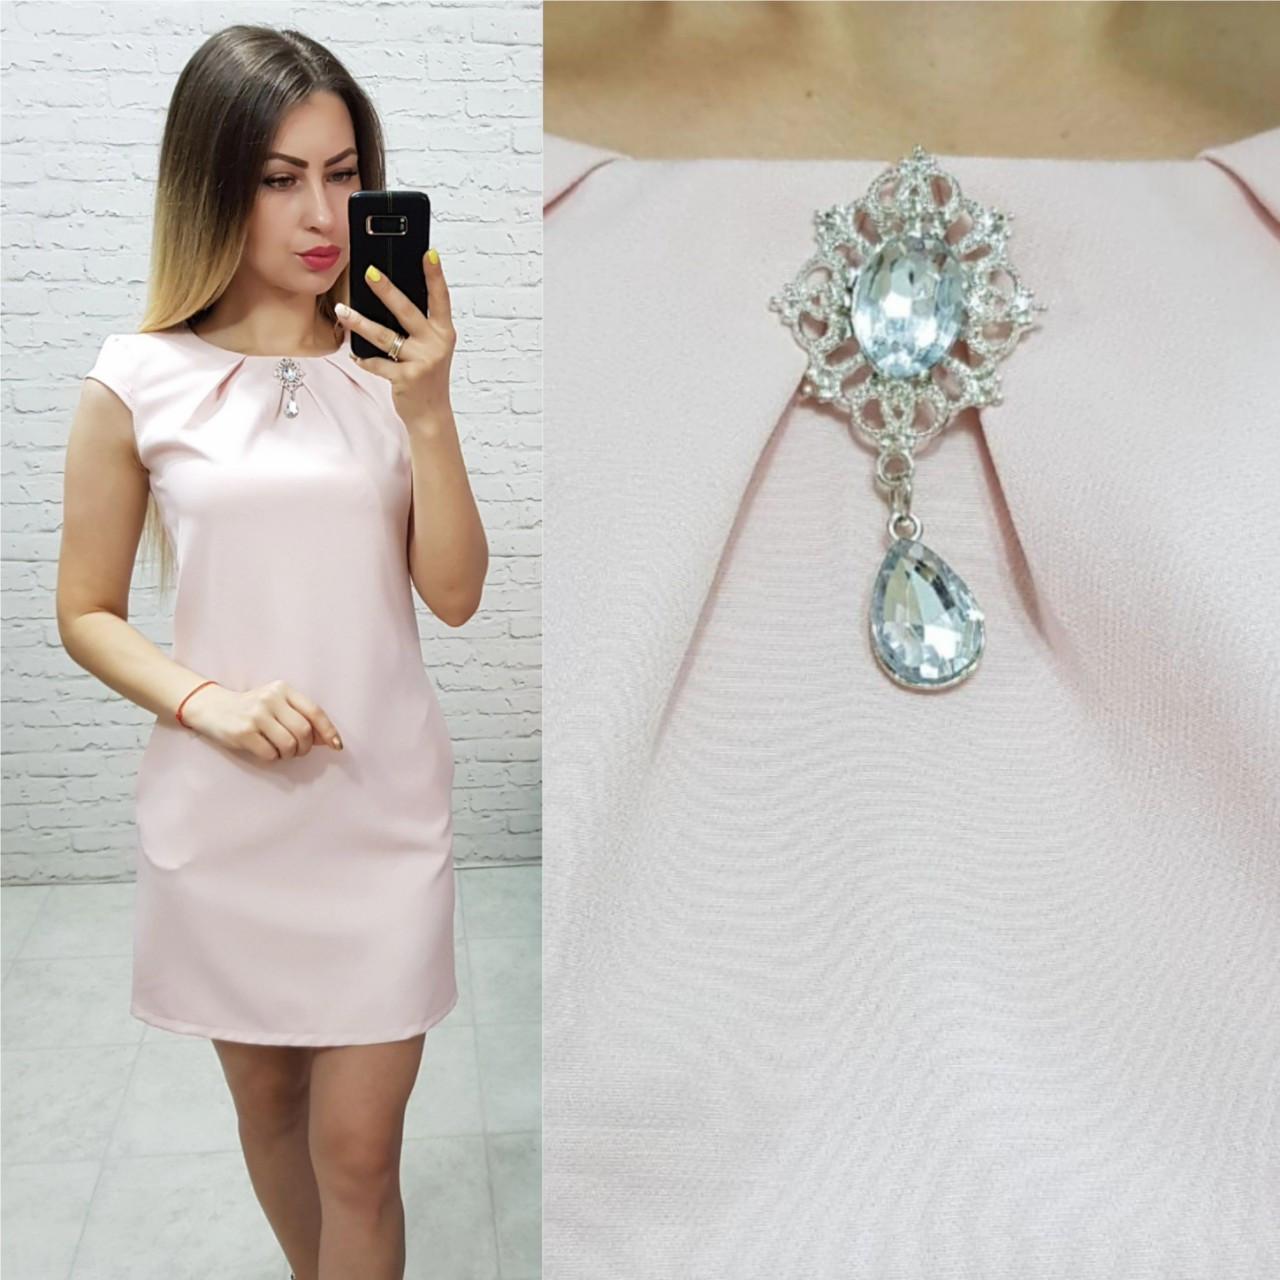 Платье, модель 819, цвет - пудра